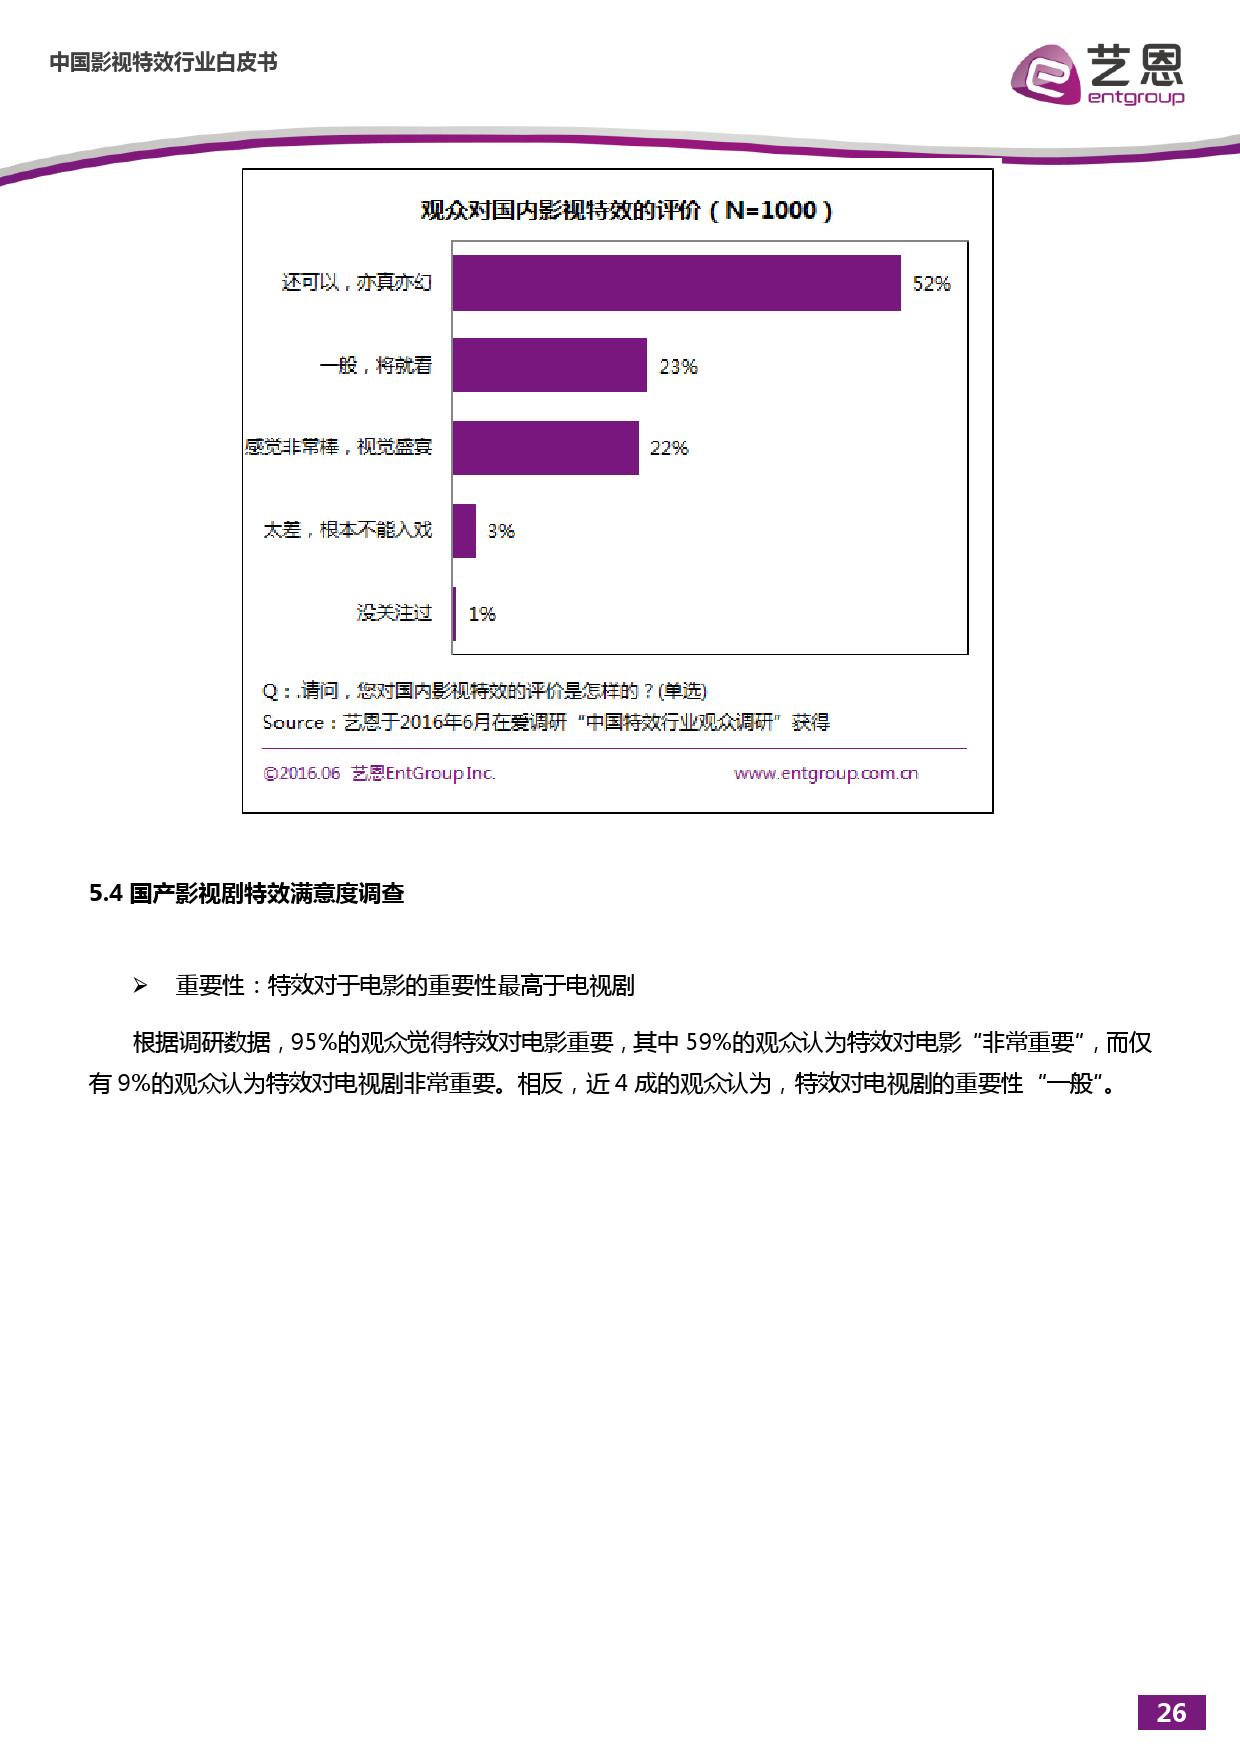 %e4%b8%ad%e5%9b%bd%e5%bd%b1%e8%a7%86%e7%89%b9%e6%95%88%e5%b8%82%e5%9c%ba%e7%a0%94%e7%a9%b6%e6%8a%a5%e5%91%8a_000027